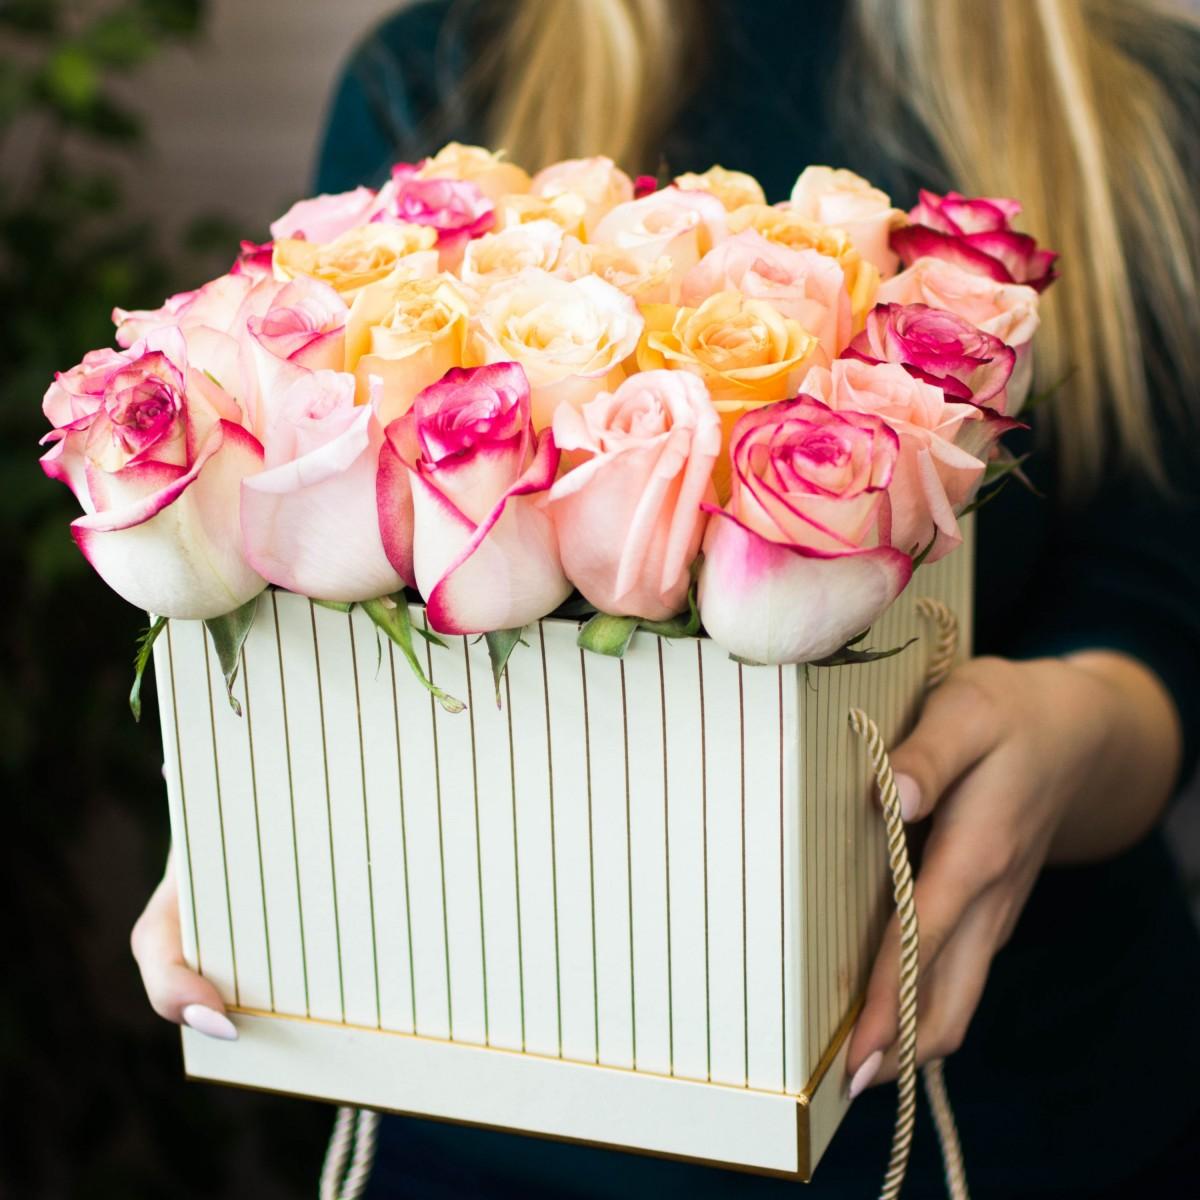 Цветы в коробке «Крем-брюле»